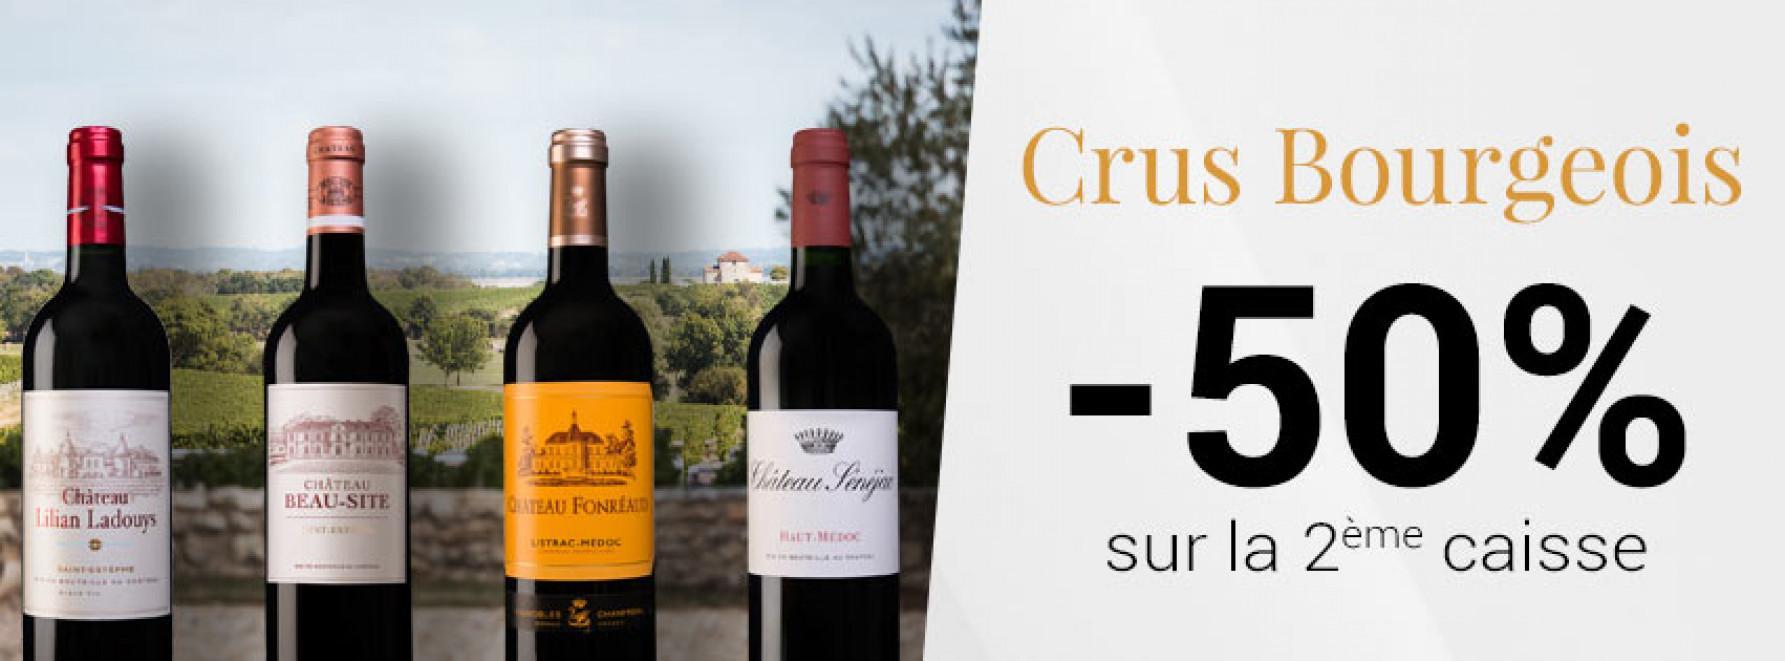 Crus Bourgeois | -50% sur la 2ème caisse